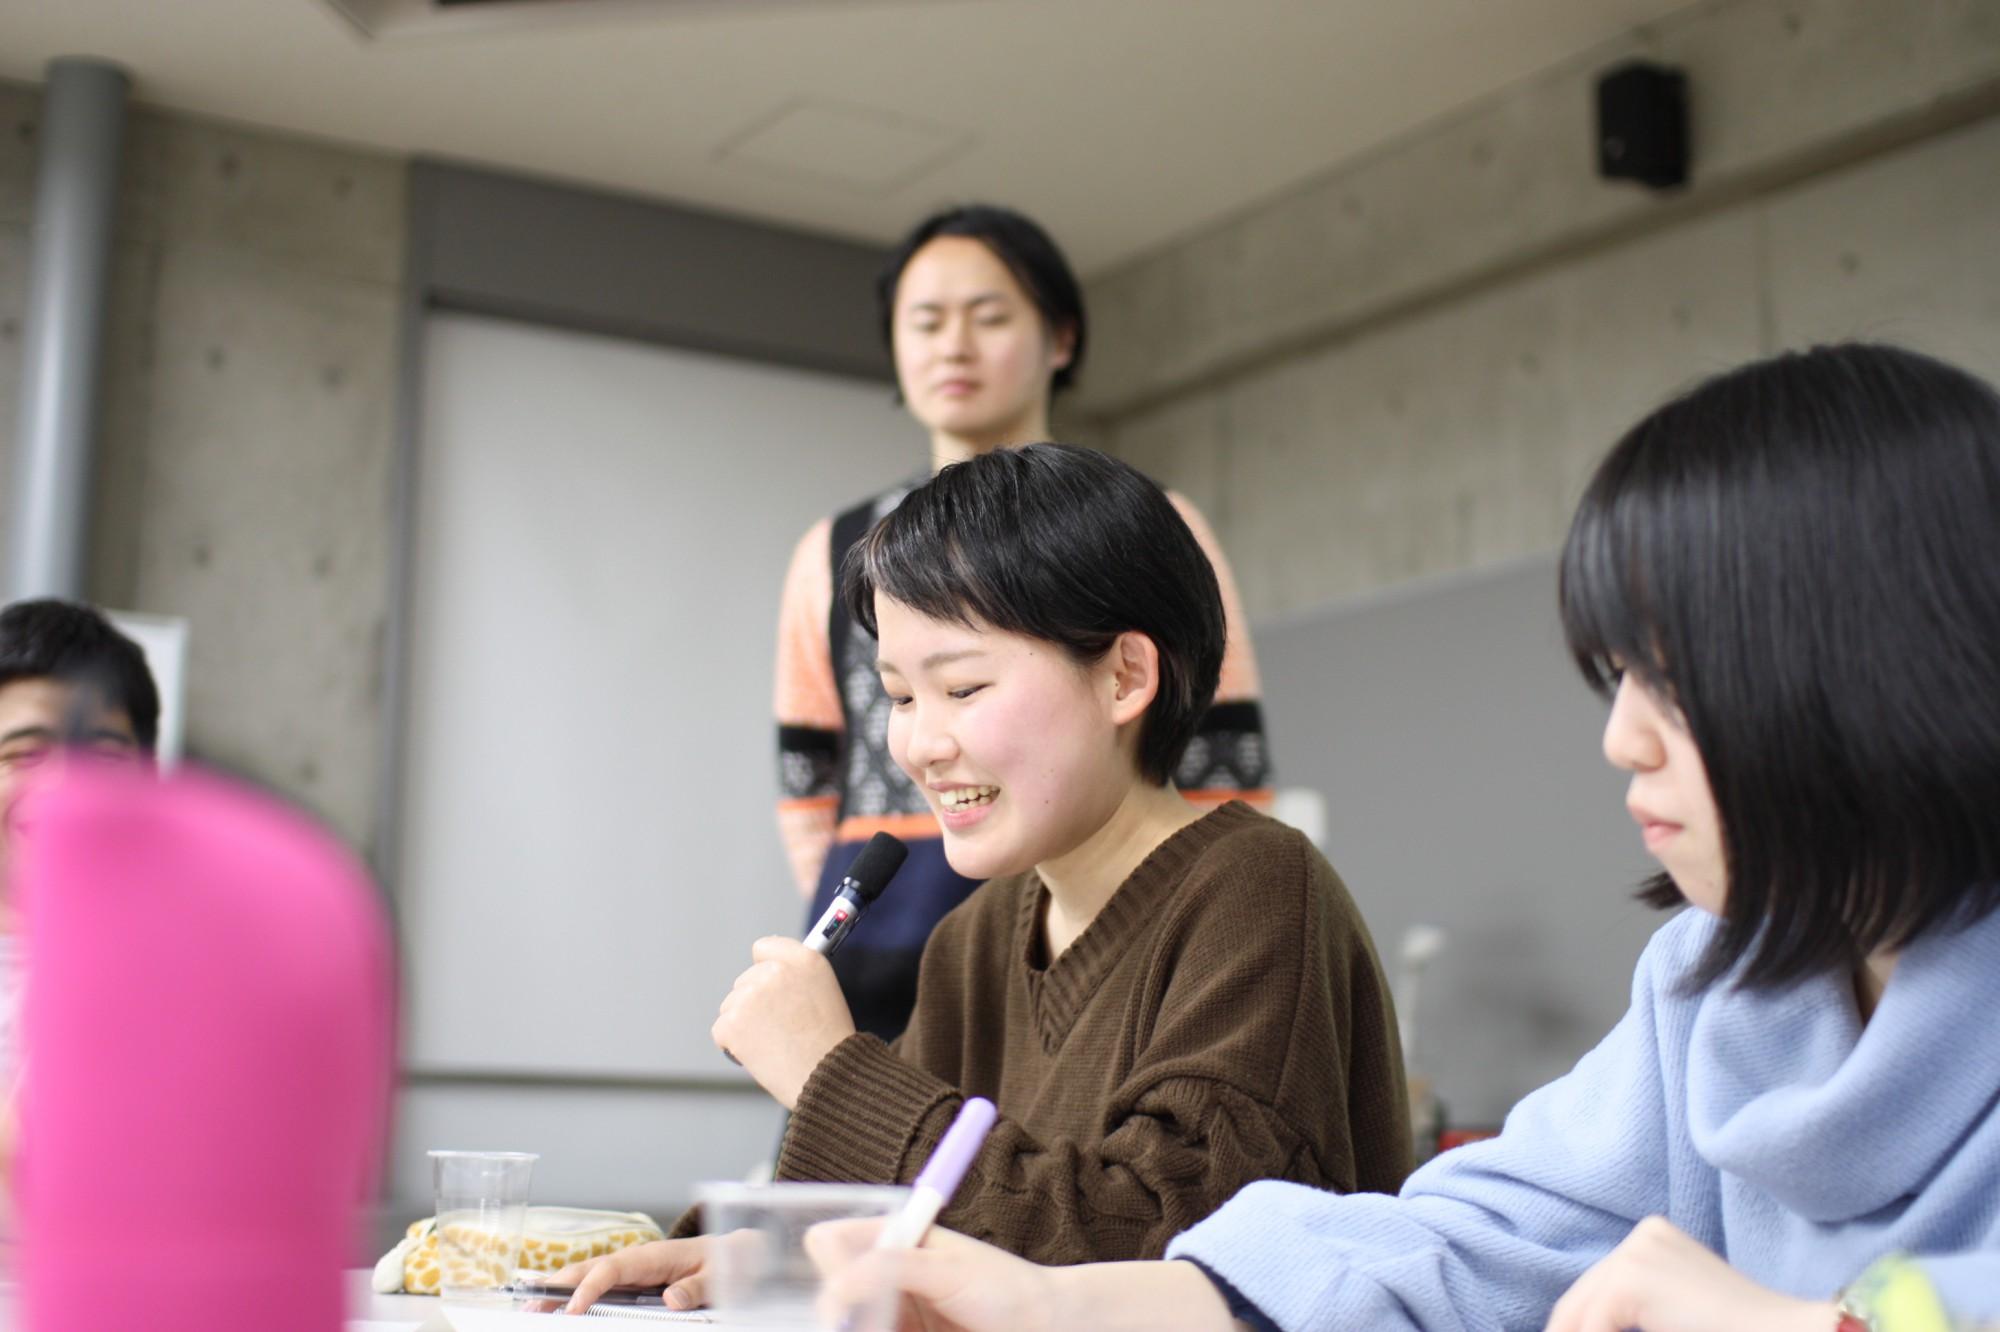 「今から、ホワイトボードに長岡市の形を描いてみてください」と描き手を指名。